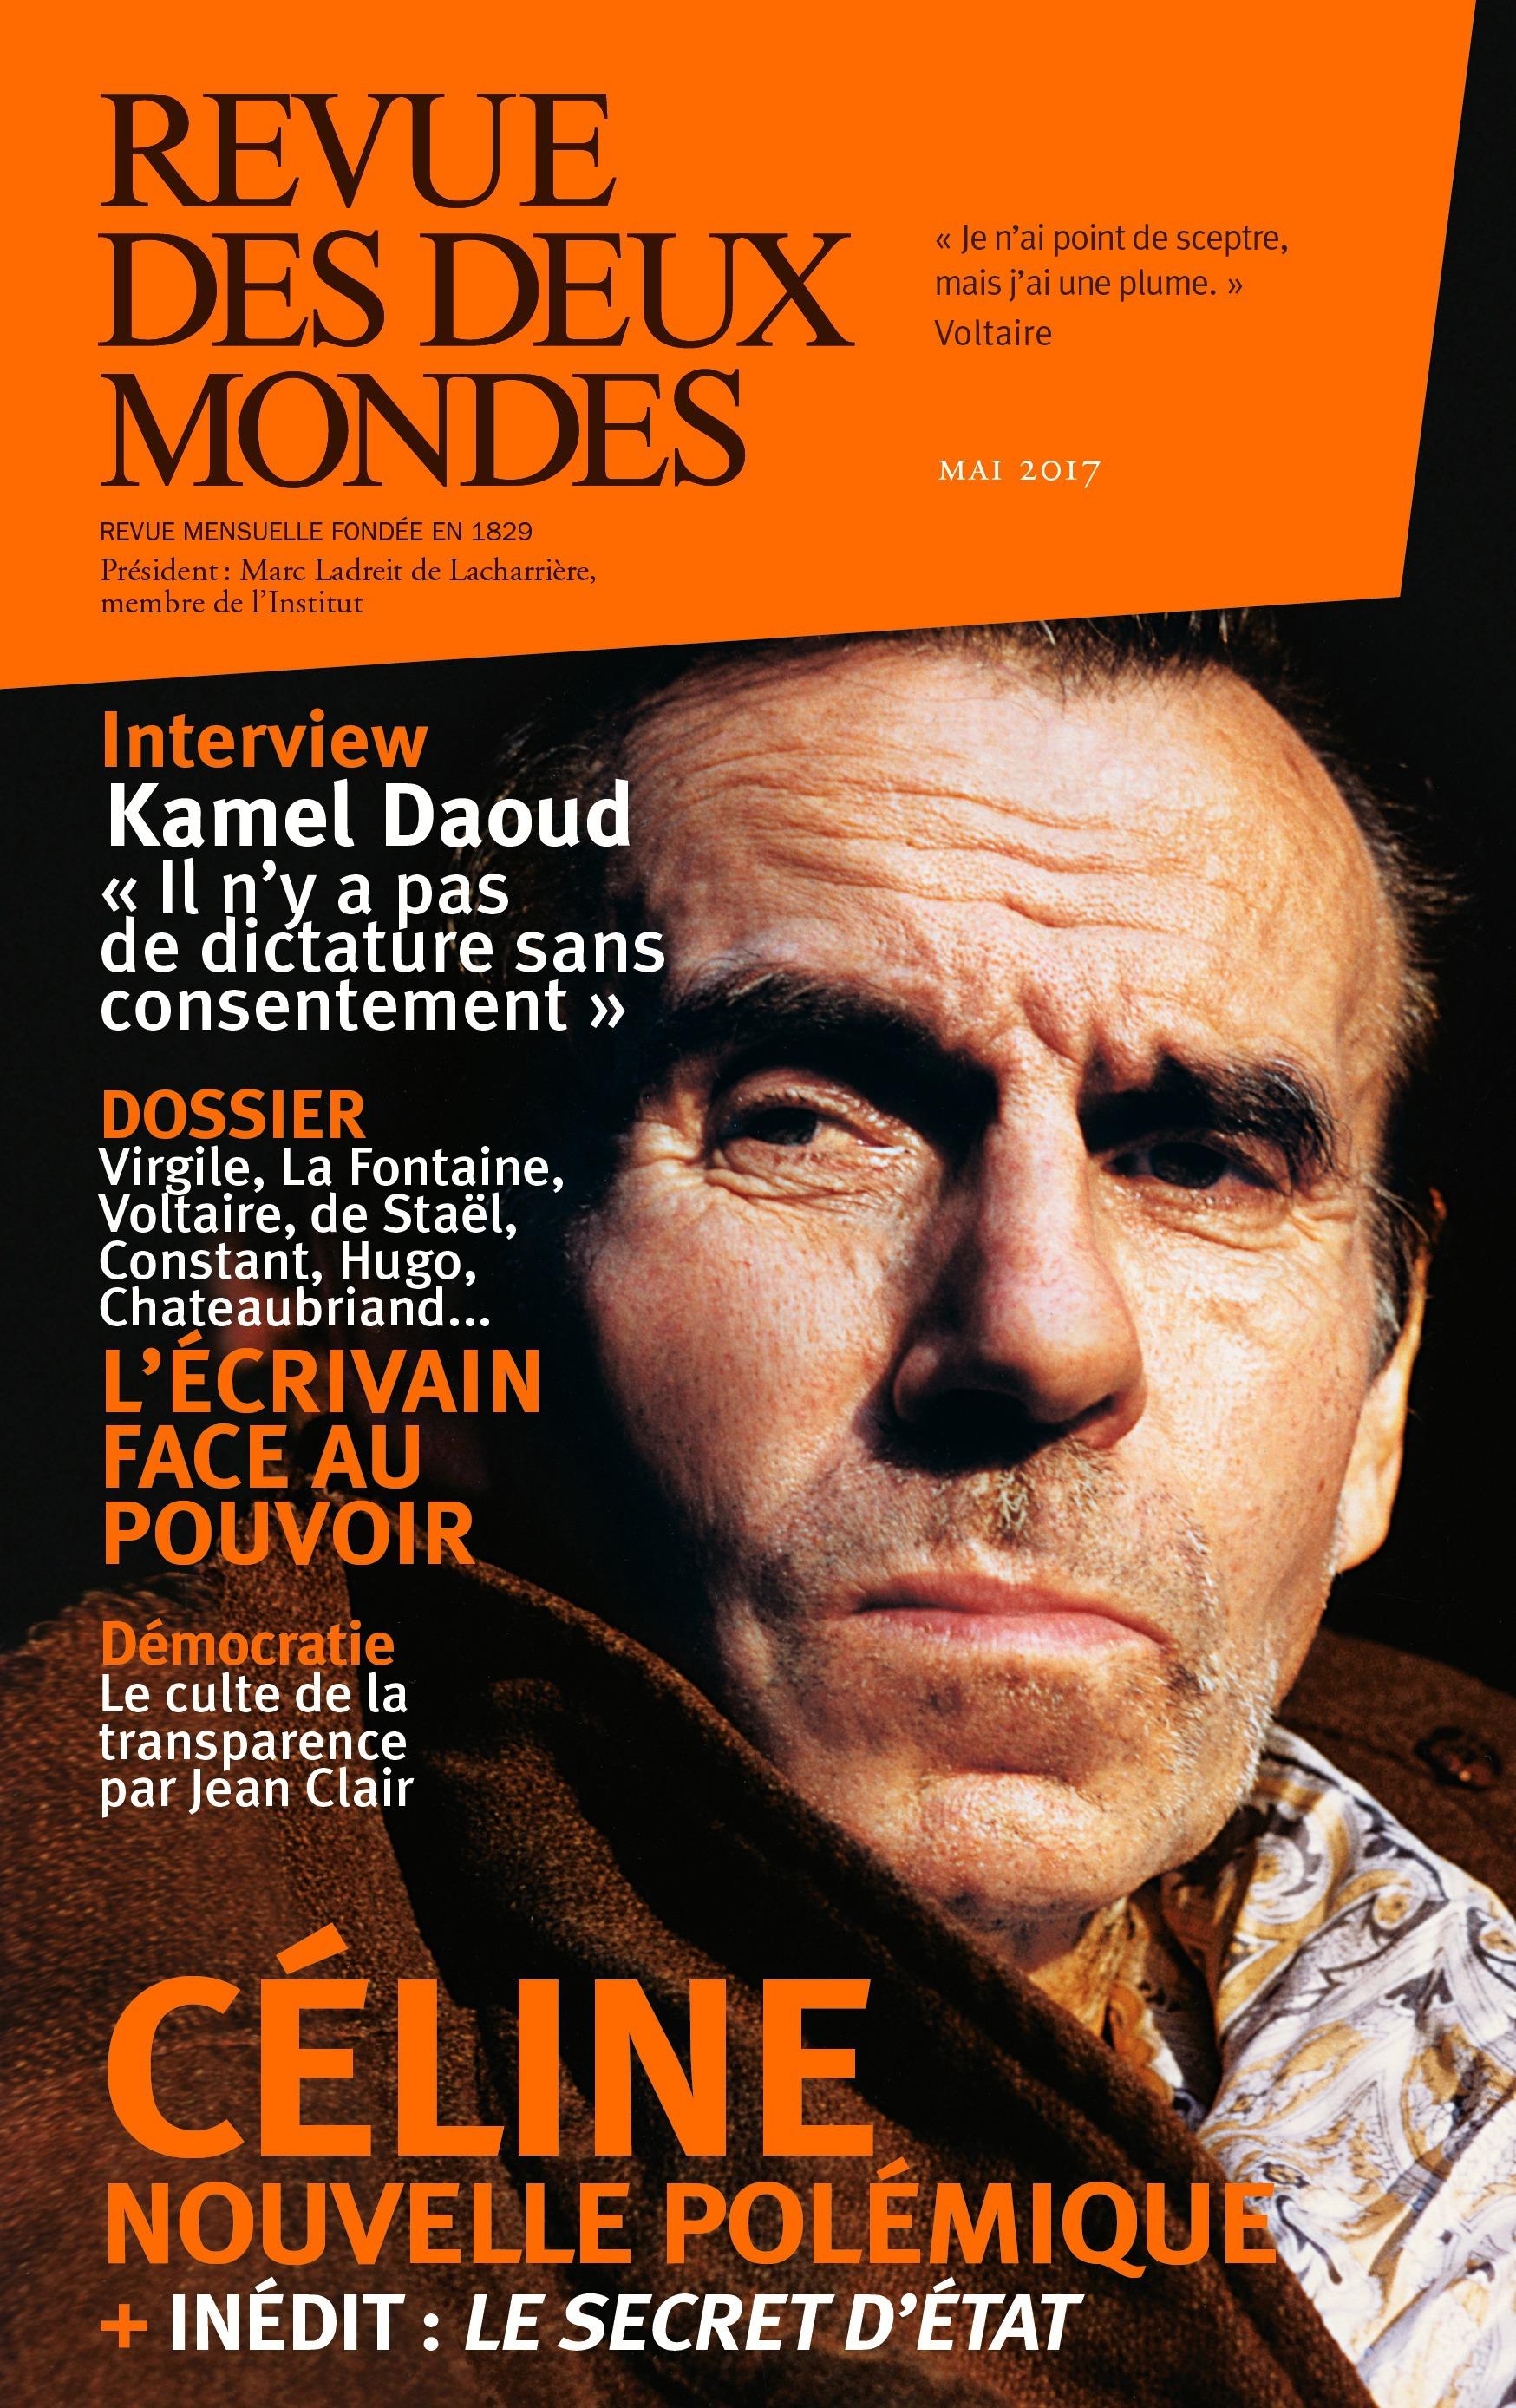 Revue des Deux Mondes mai 2017